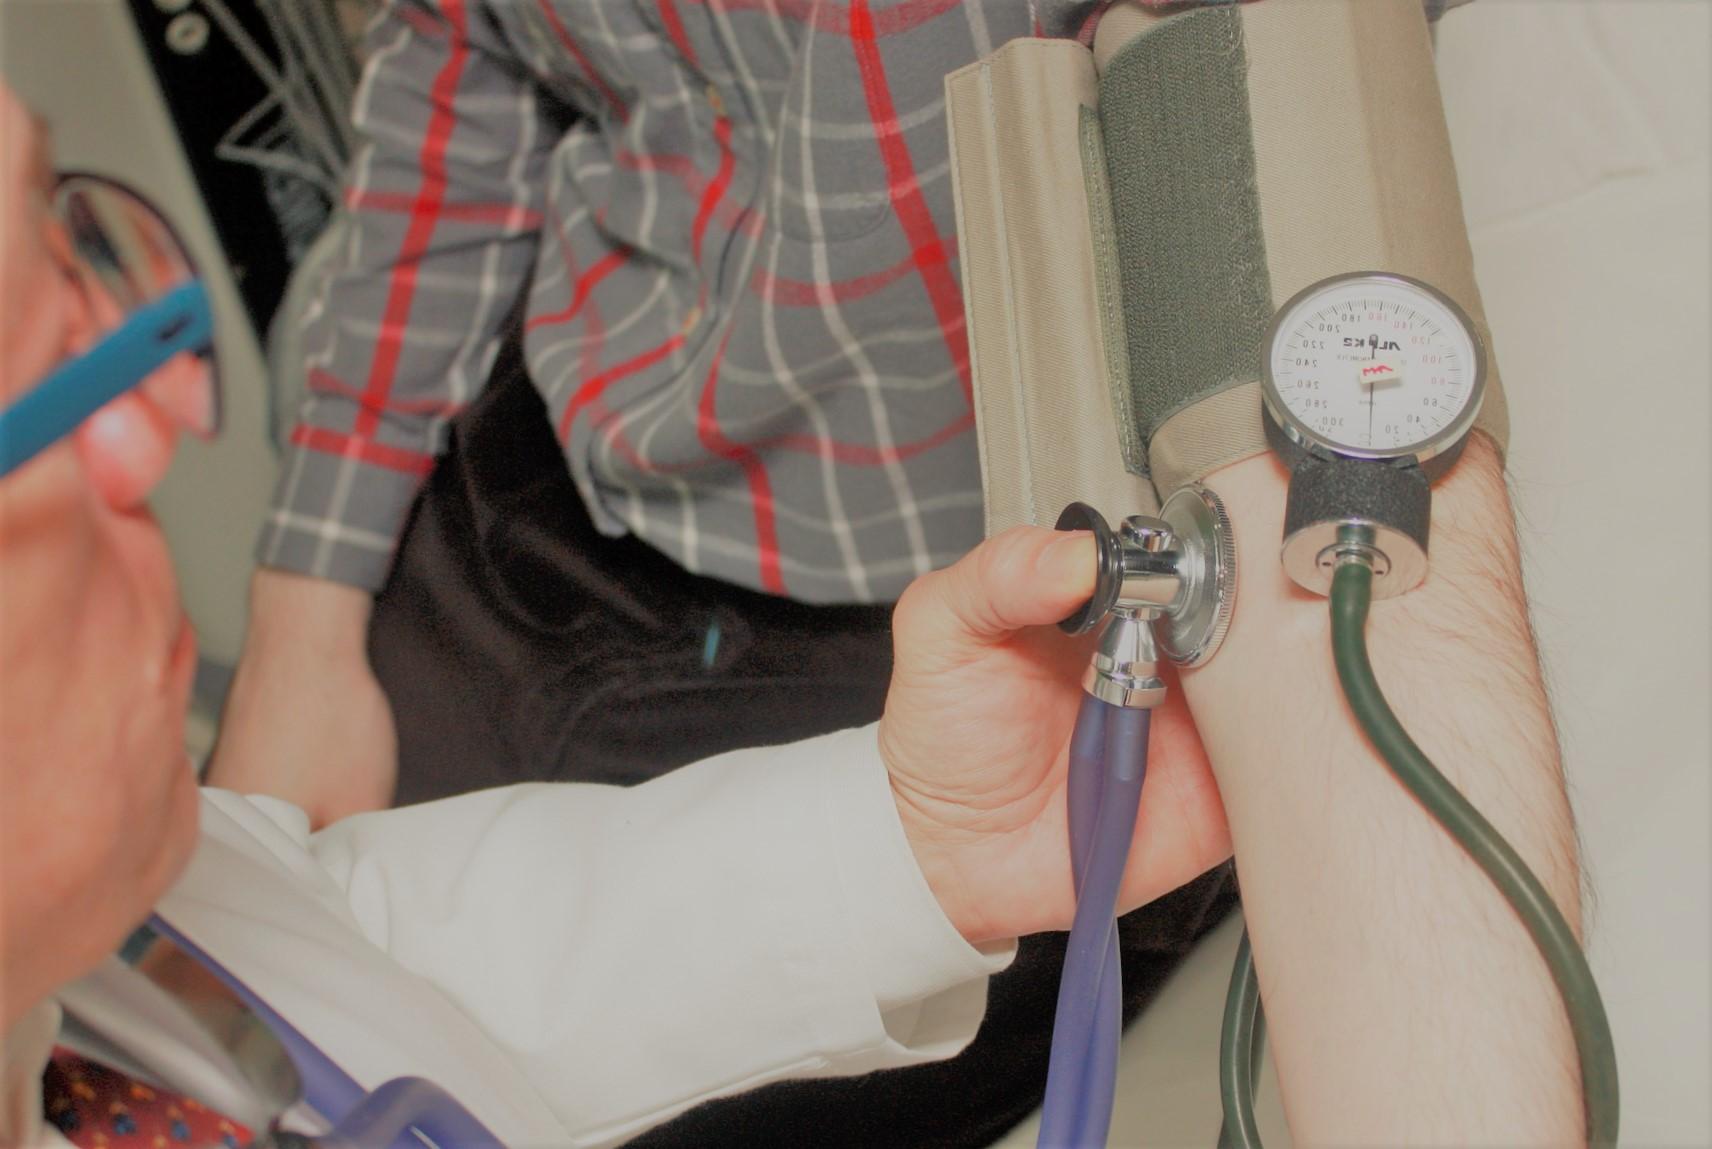 Samasur : Des patients plus impliqués dans la santé